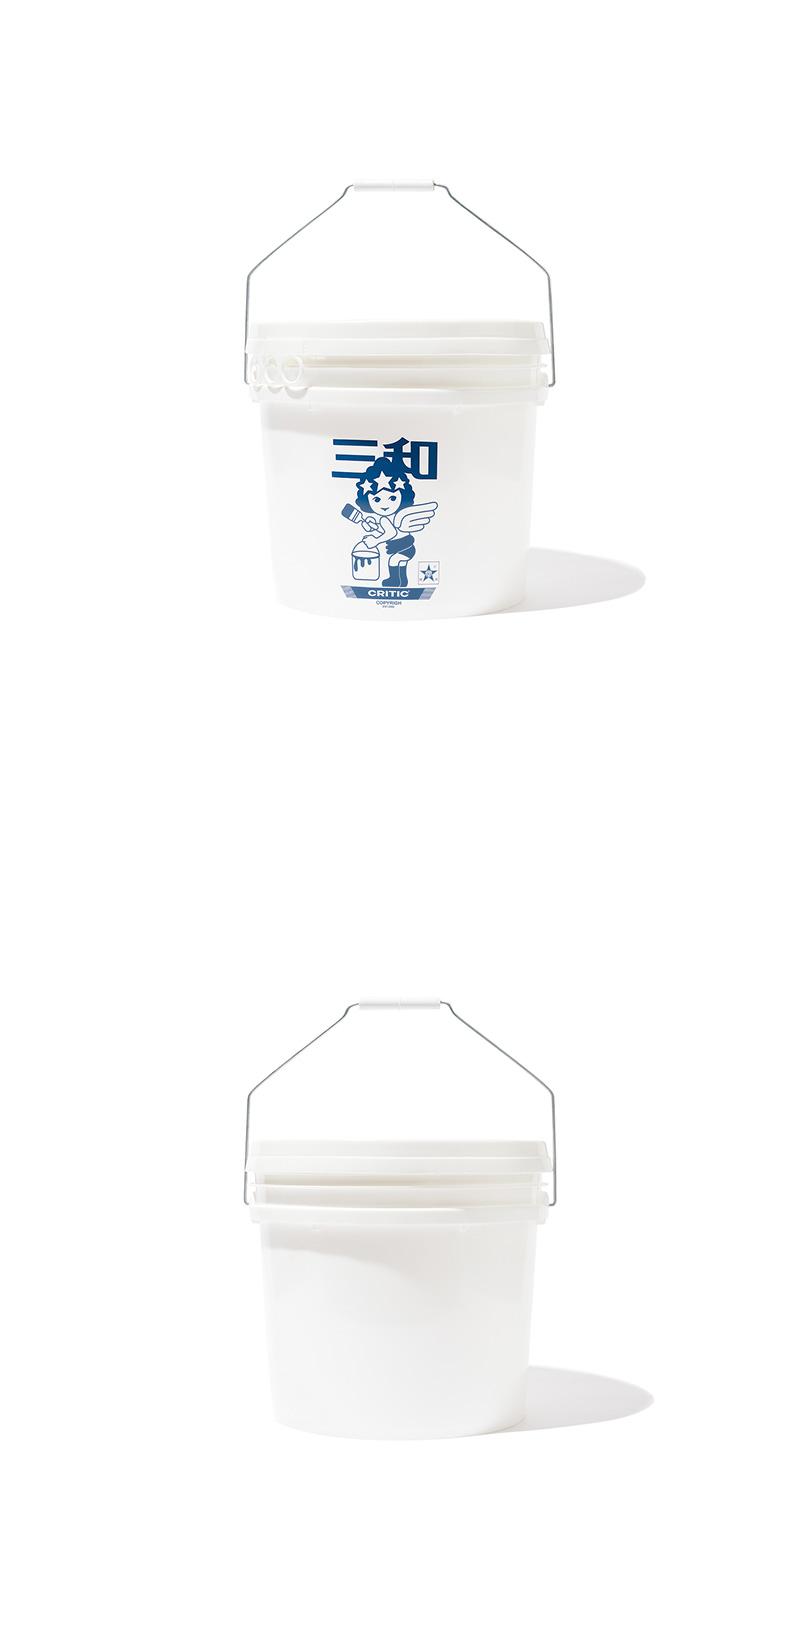 크리틱(CRITIC) SAMHWA X CRITIC WONDER BABY BUCKET(WHITE)_SHTOUAC02UC2